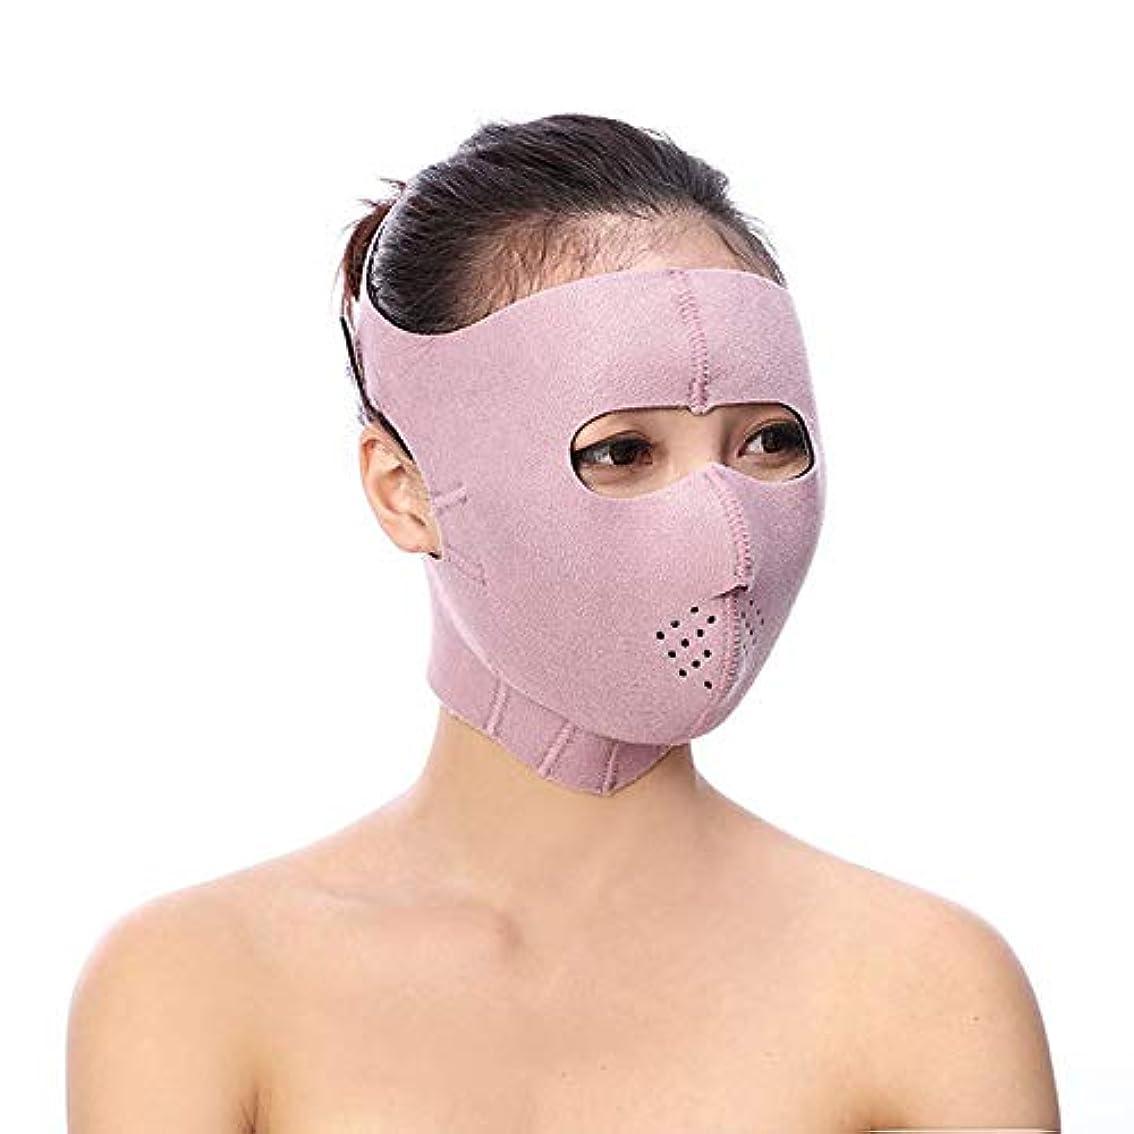 うなり声器用汚れるJia Jia- フェイシャルリフティング痩身ベルト - Vフェイス包帯マスクフェイシャルマッサージャー無料の薄いフェイス包帯整形マスクを引き締める顔と首の顔スリム 顔面包帯